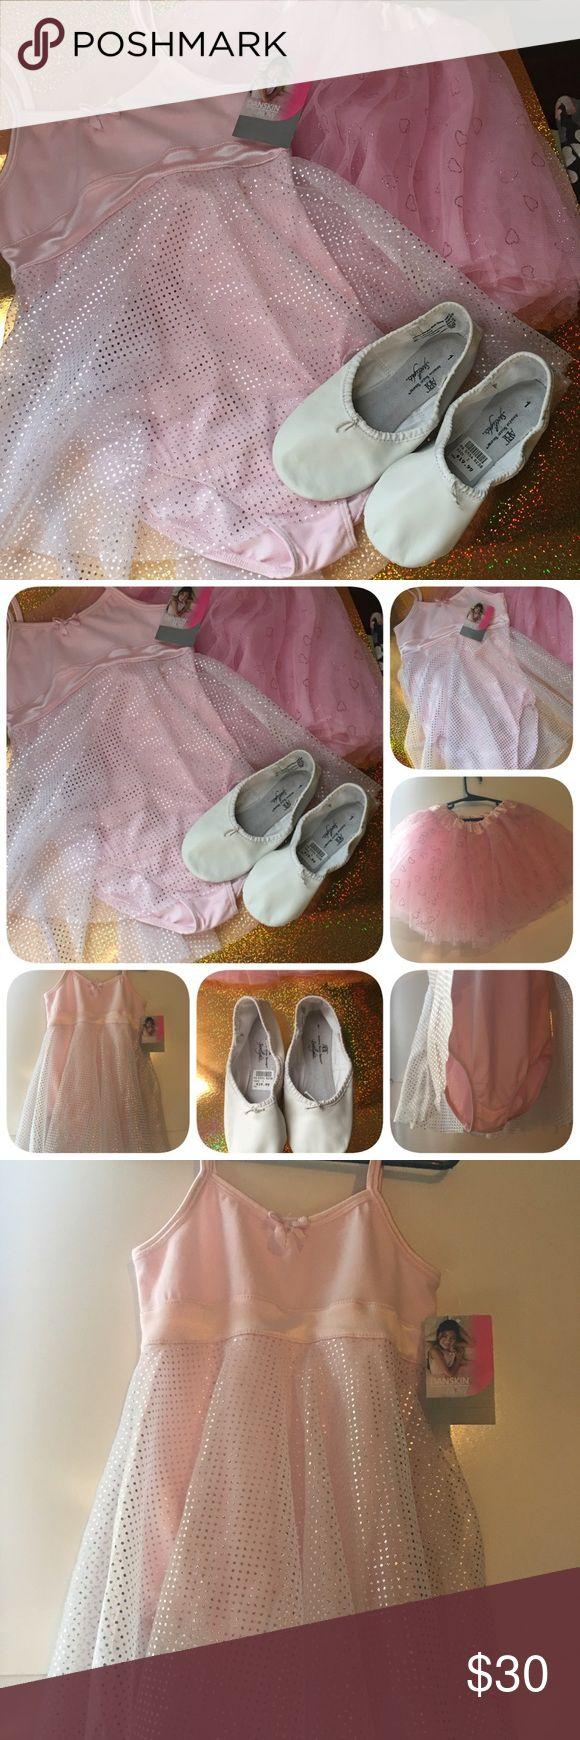 Danskin new w heart glitter tutu/ballerina slipper Danskin new with tag size 6-6X with heart glitter tutu and ballerina slippers size 1 US new Danskin Dresses